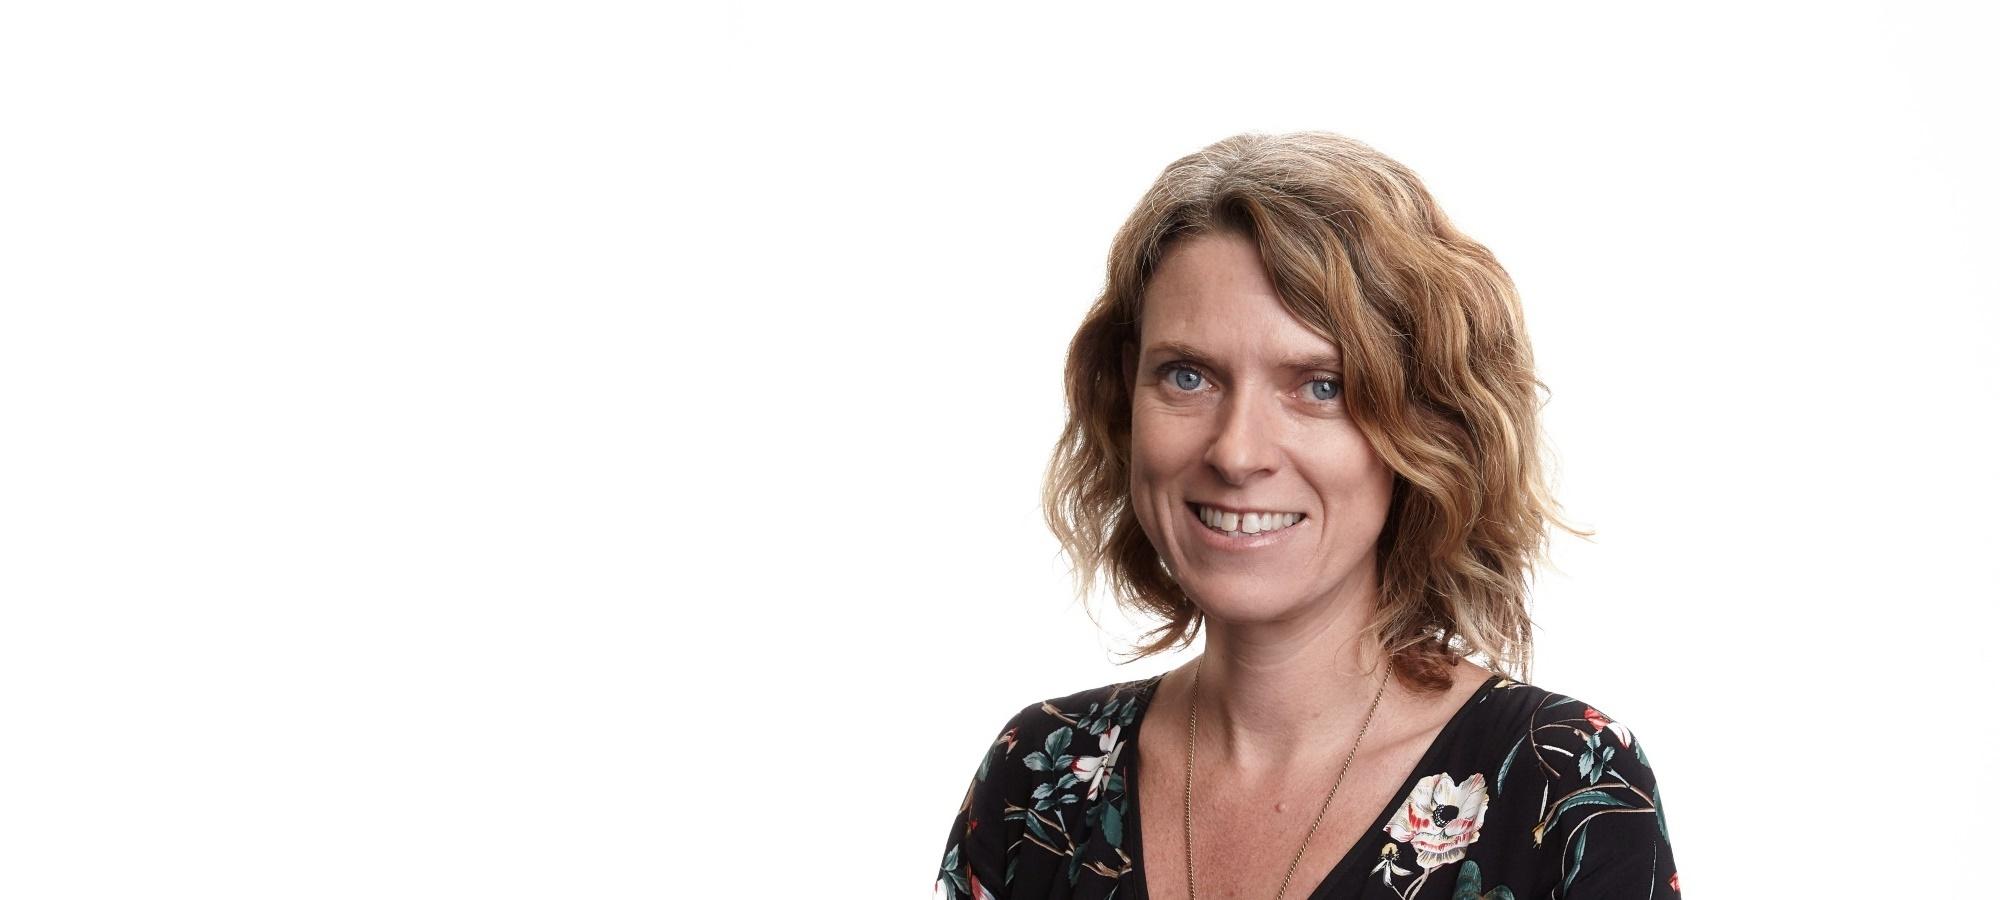 Kirstin Donaldson, Principal Agile Consultant, Equinox IT Wellington